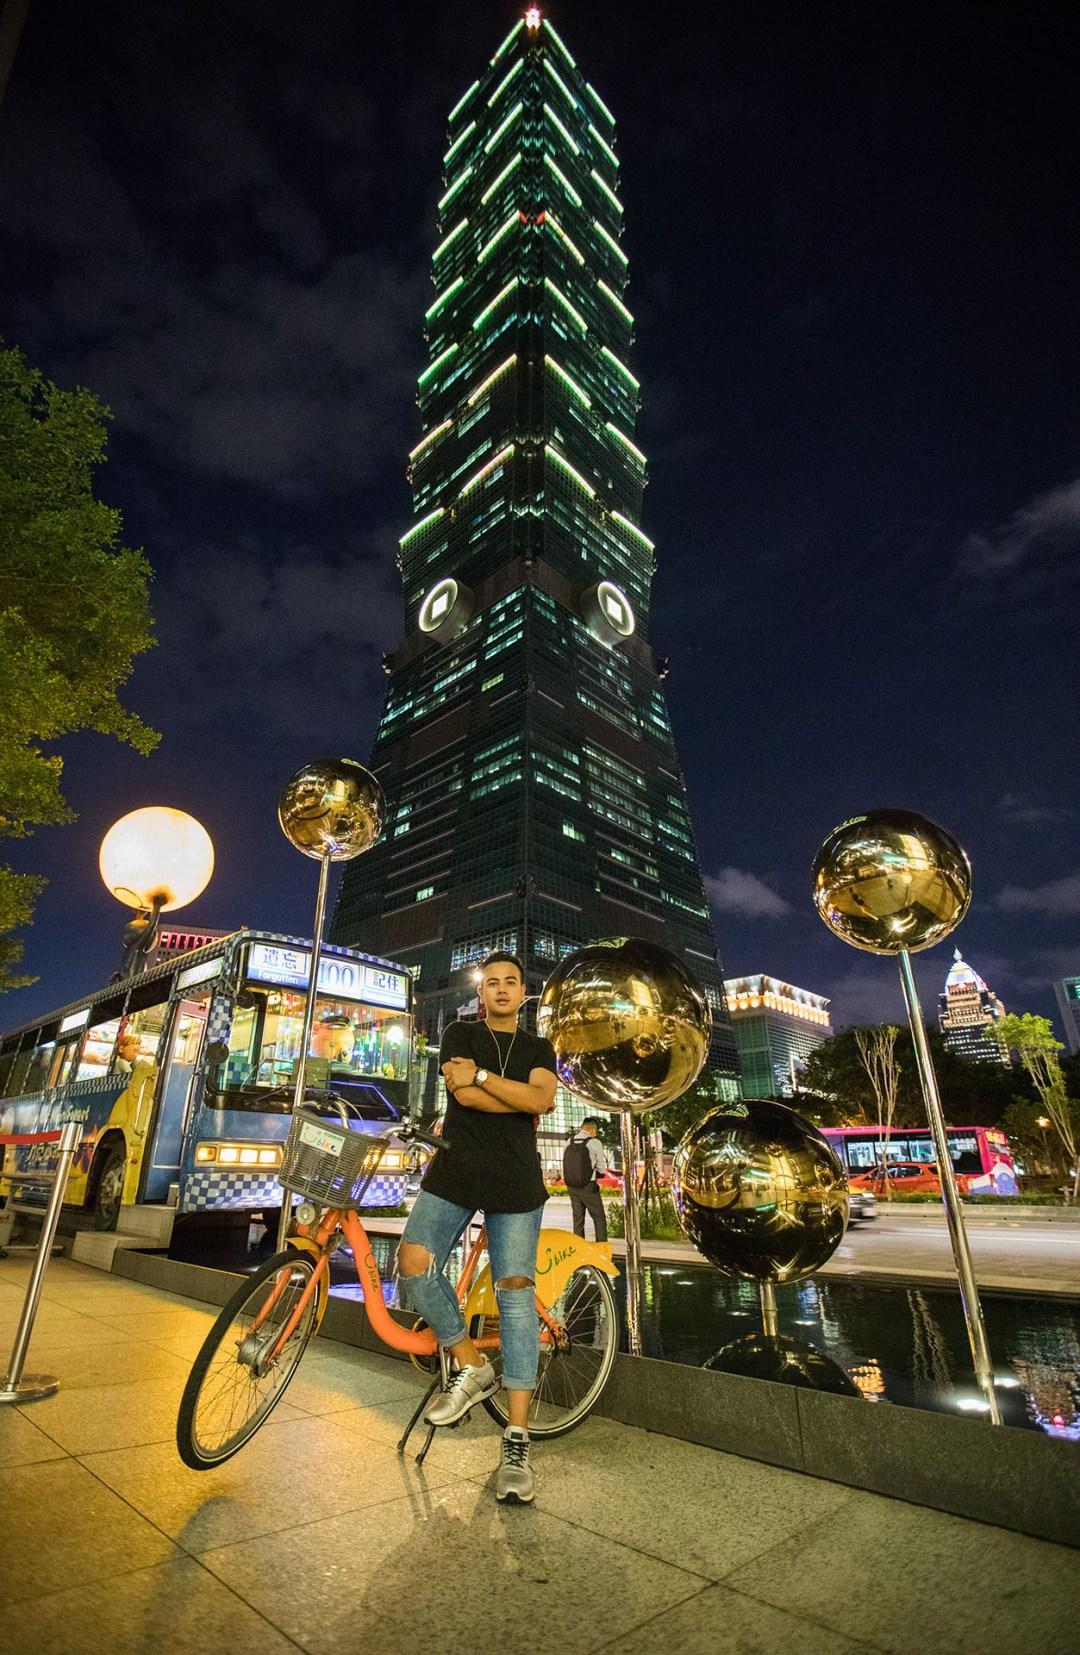 Jonathan Fashion Blogger in Taiwan_Style_TRAVEL BLOGGER CANADA_4